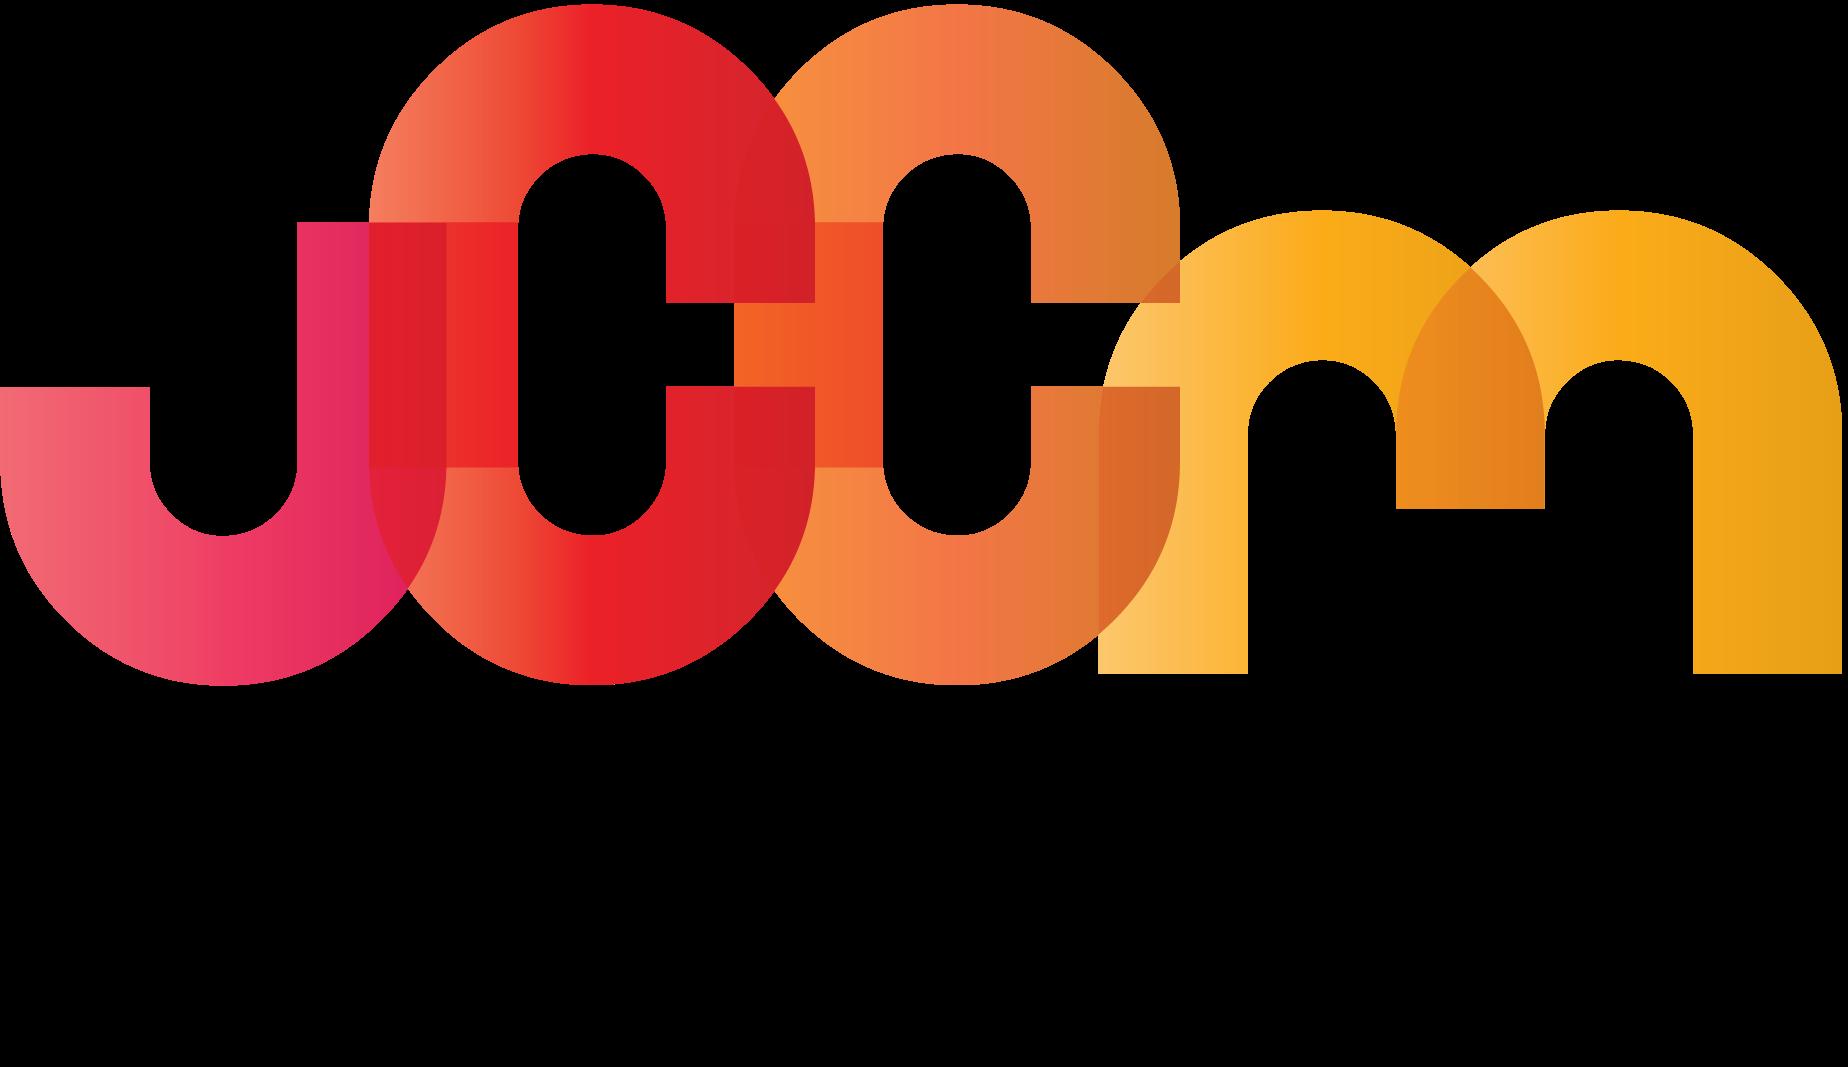 Jccm jccm jeune chambre de commerce de montr al for Chambre de commerce au canada